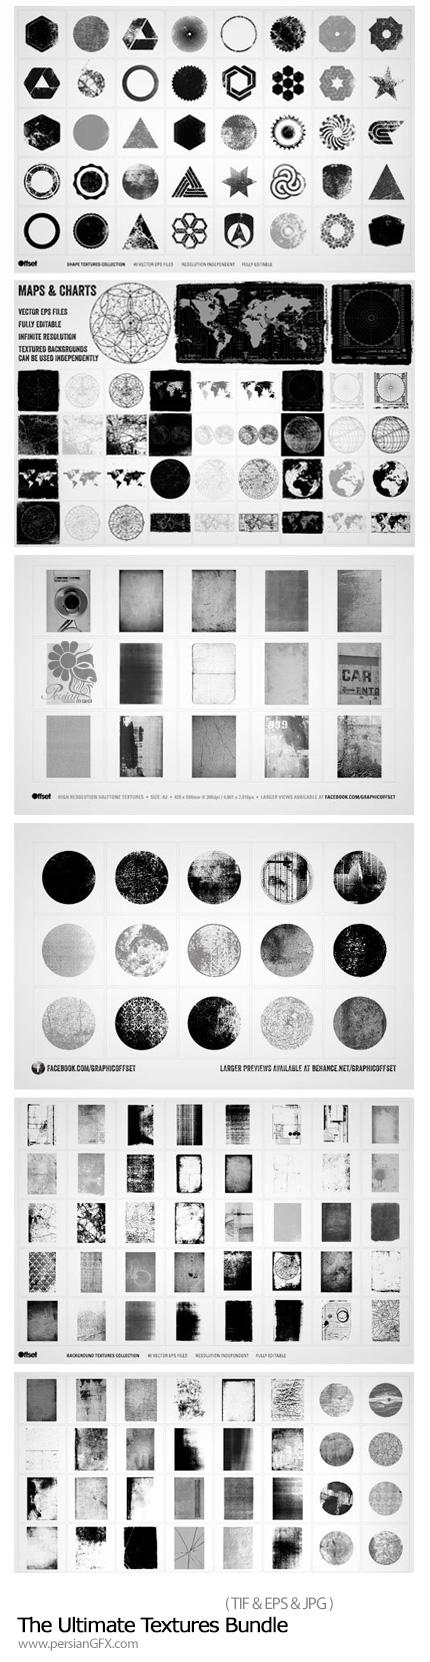 دانلود مجموعه تصاویر وکتور تکسچرهای متنوع - CreativeMarket The Ultimate Textures Bundle